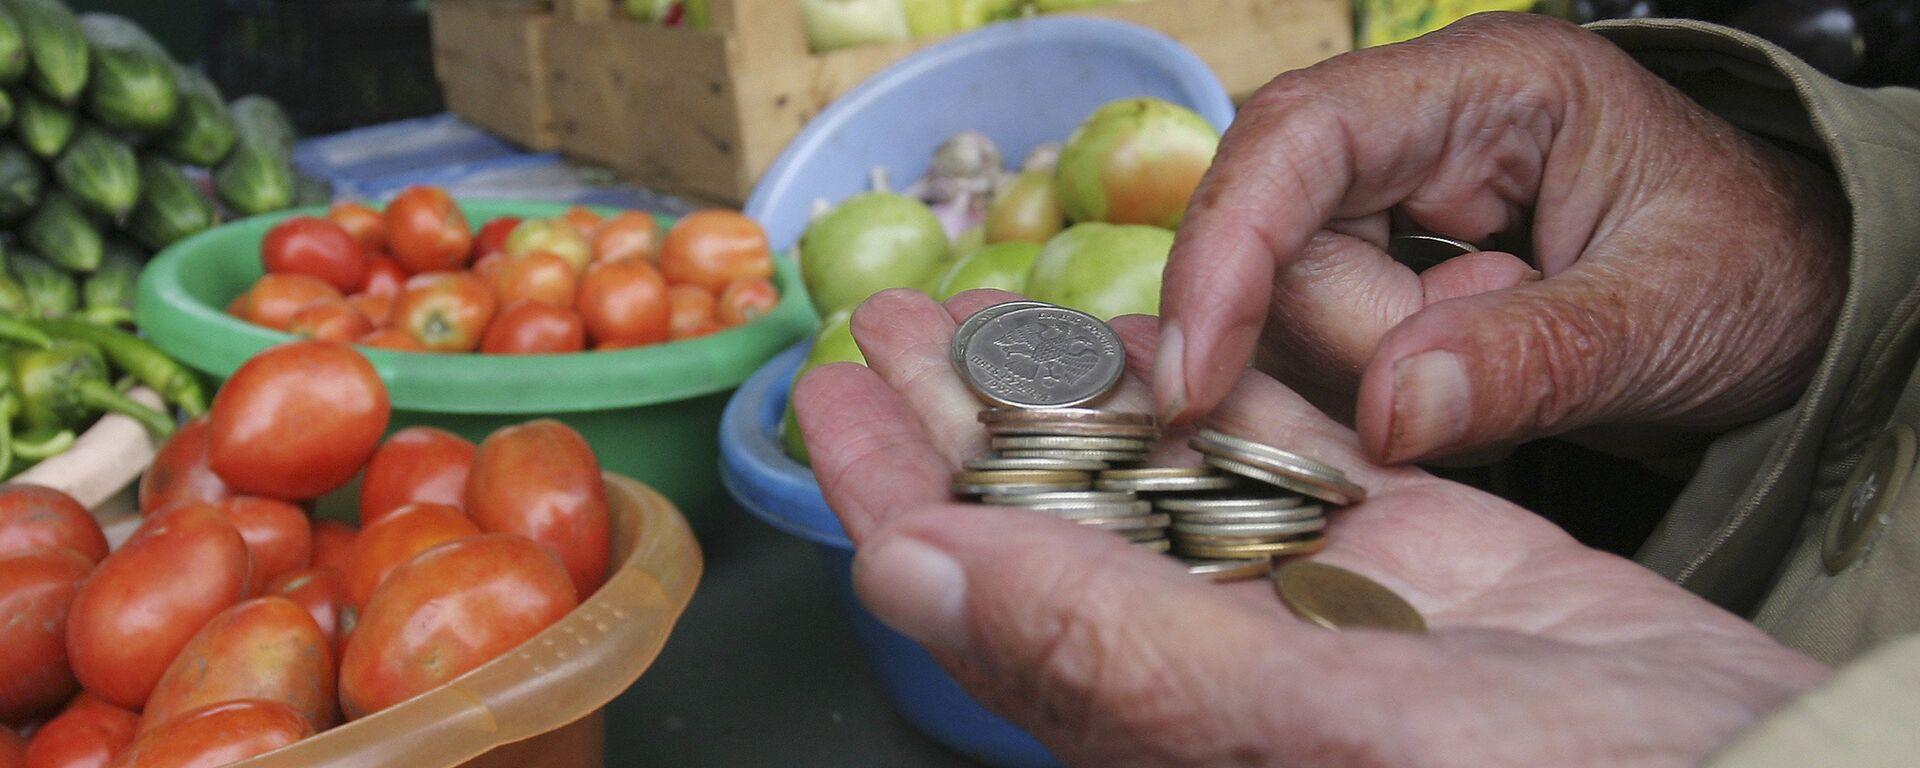 Пожилые люди покупают продукты на рынке - Sputnik Грузия, 1920, 19.09.2019